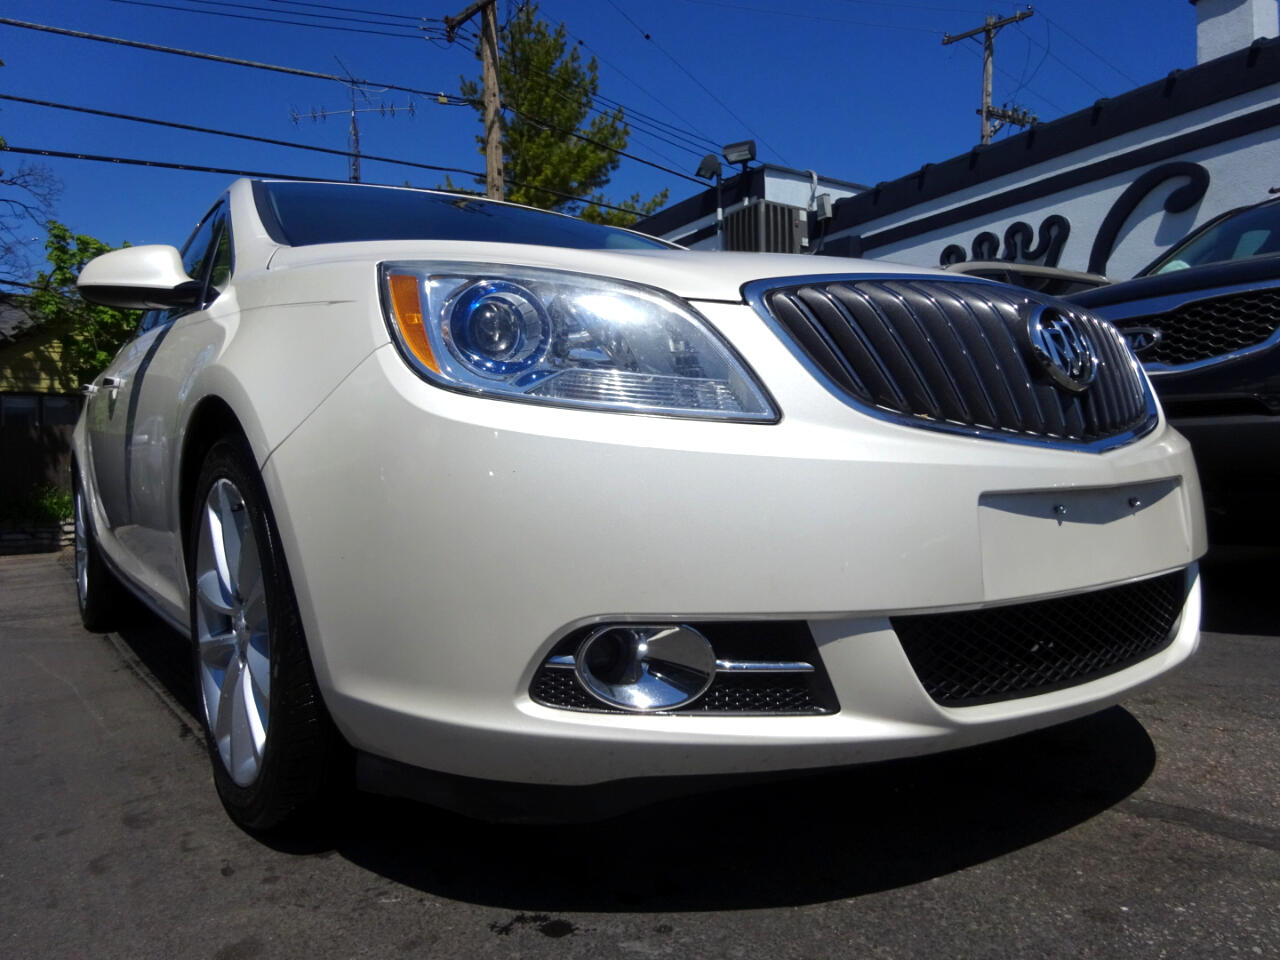 Buick Verano 4dr Sdn 2013